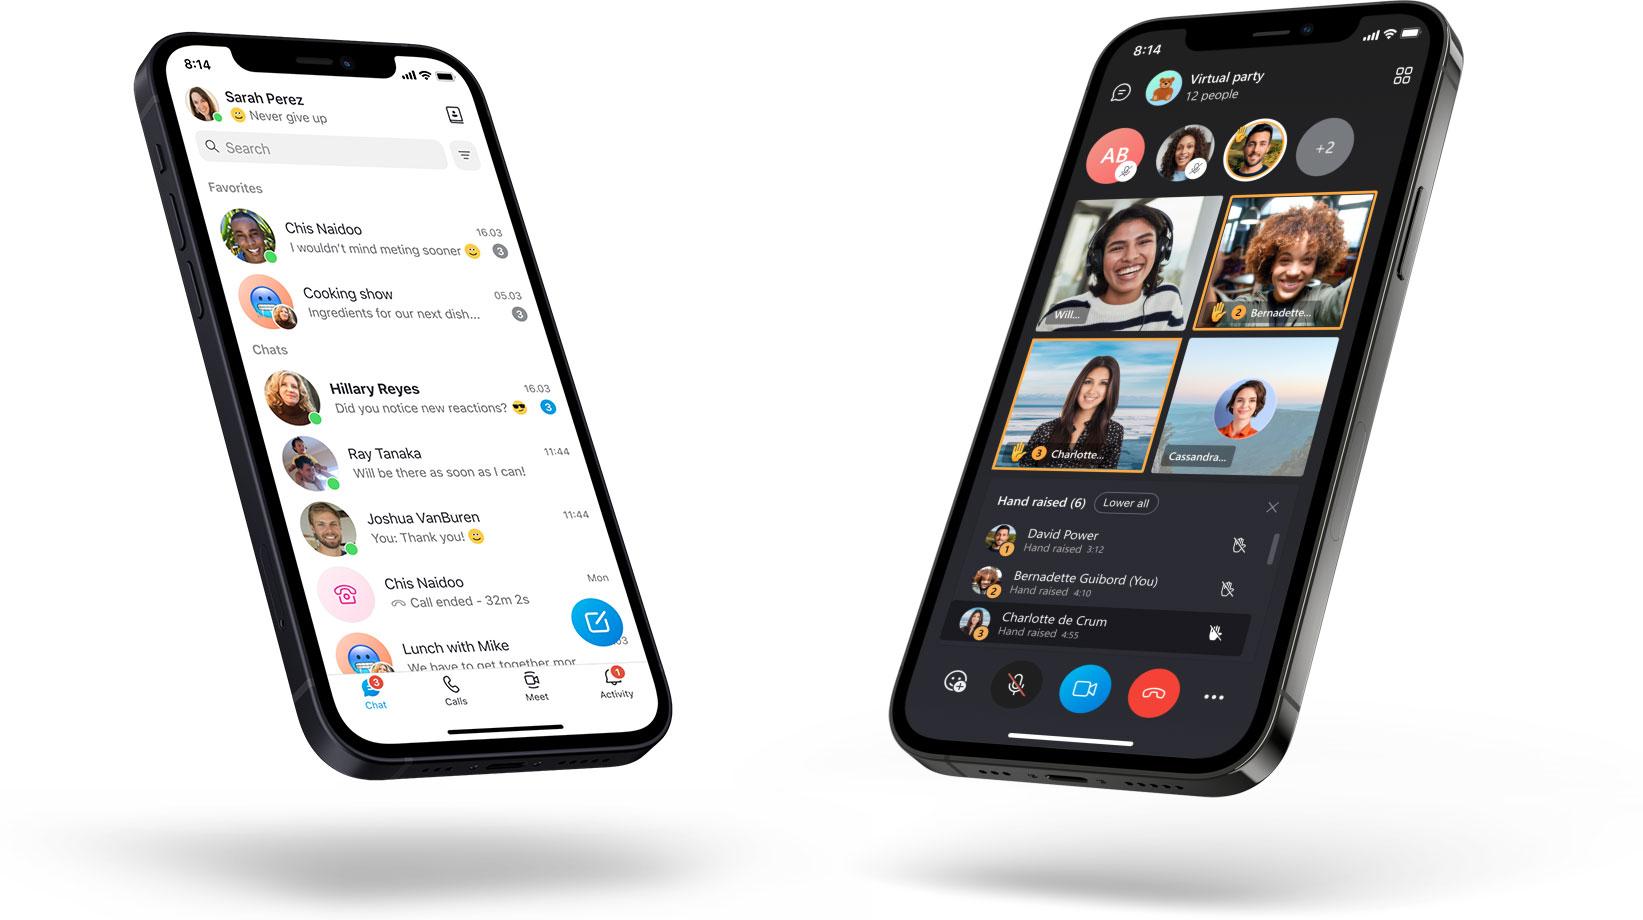 Nuovo Skype per dispositivi mobili